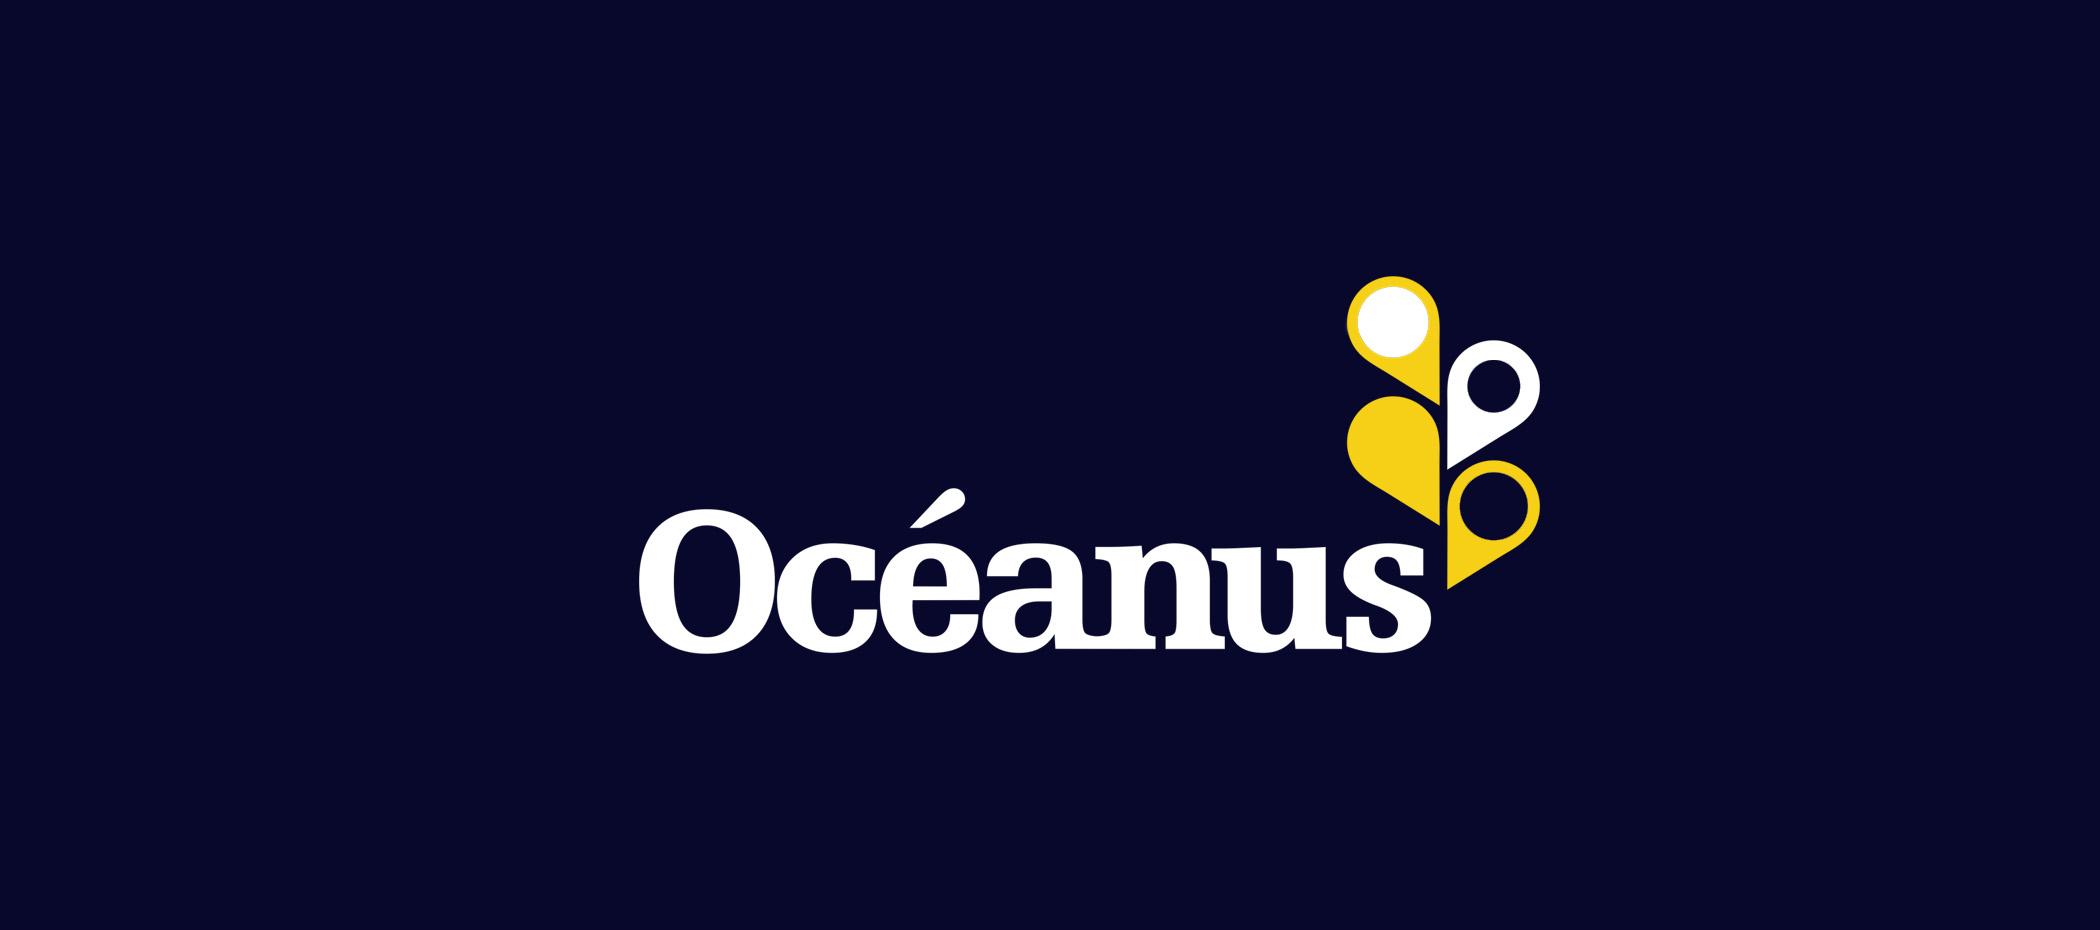 diseño logotipo - Beusual - diseño grafico santander - oceanus